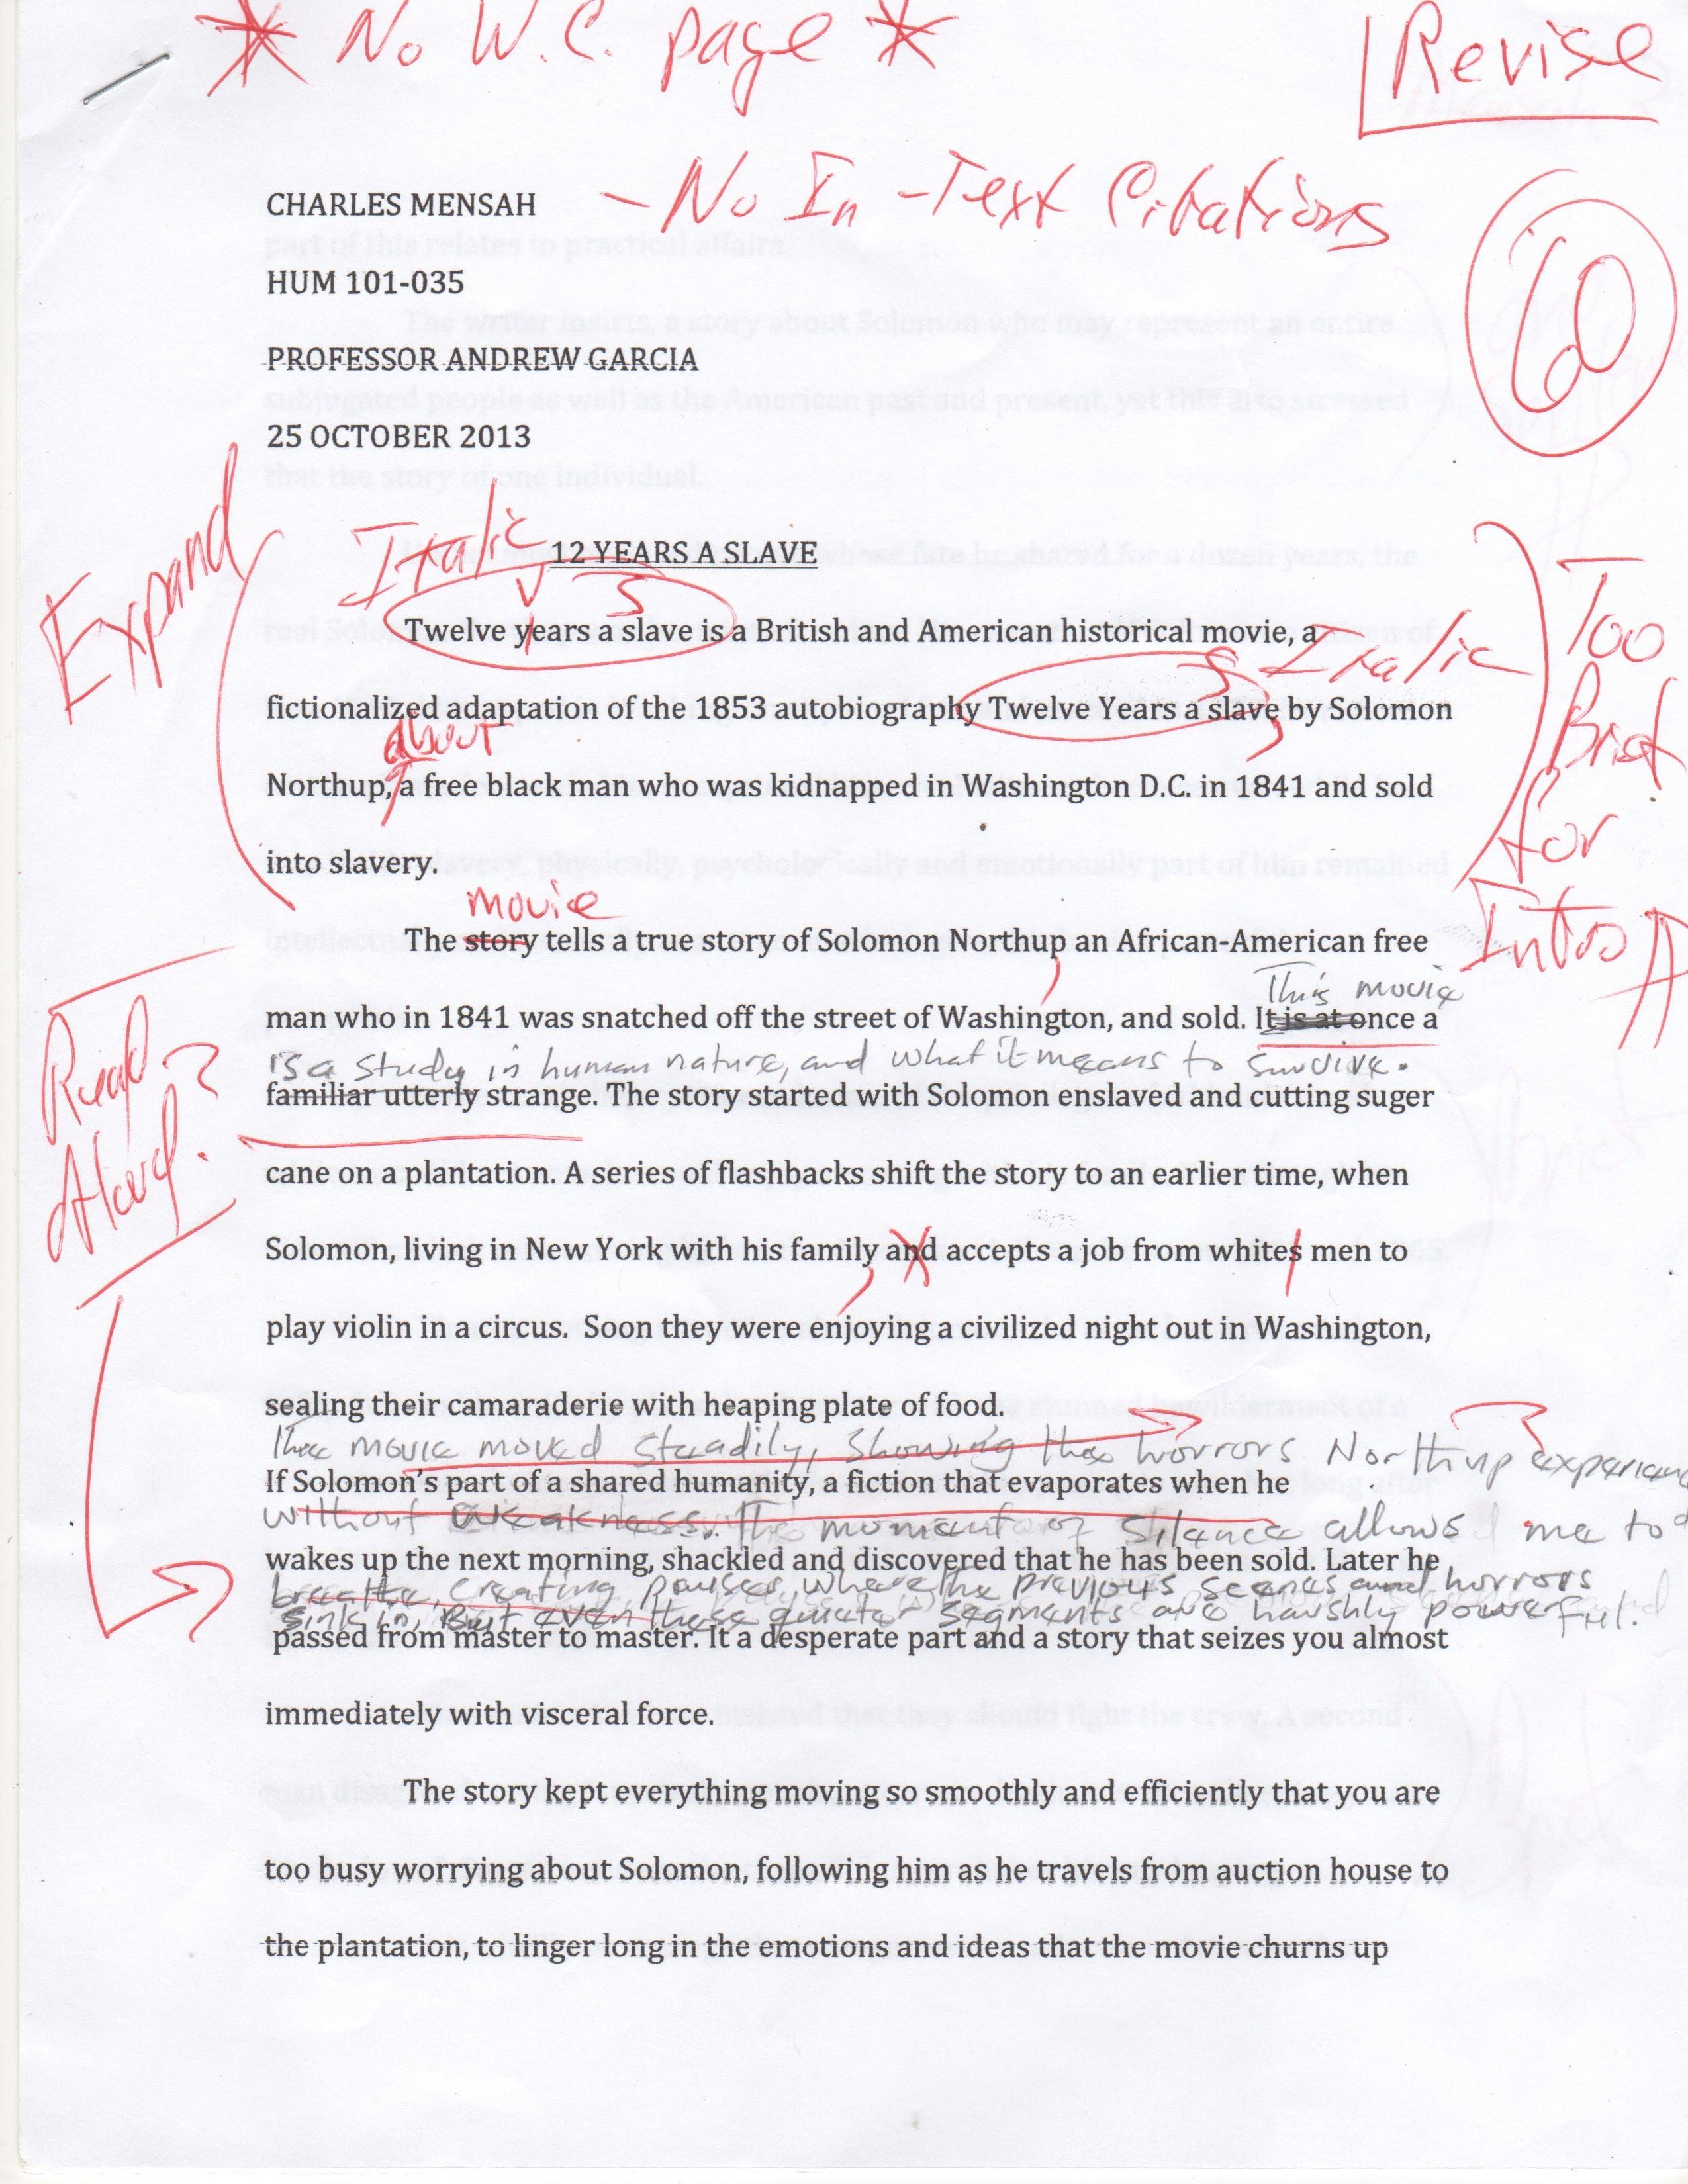 kaiser 2007 essay winner